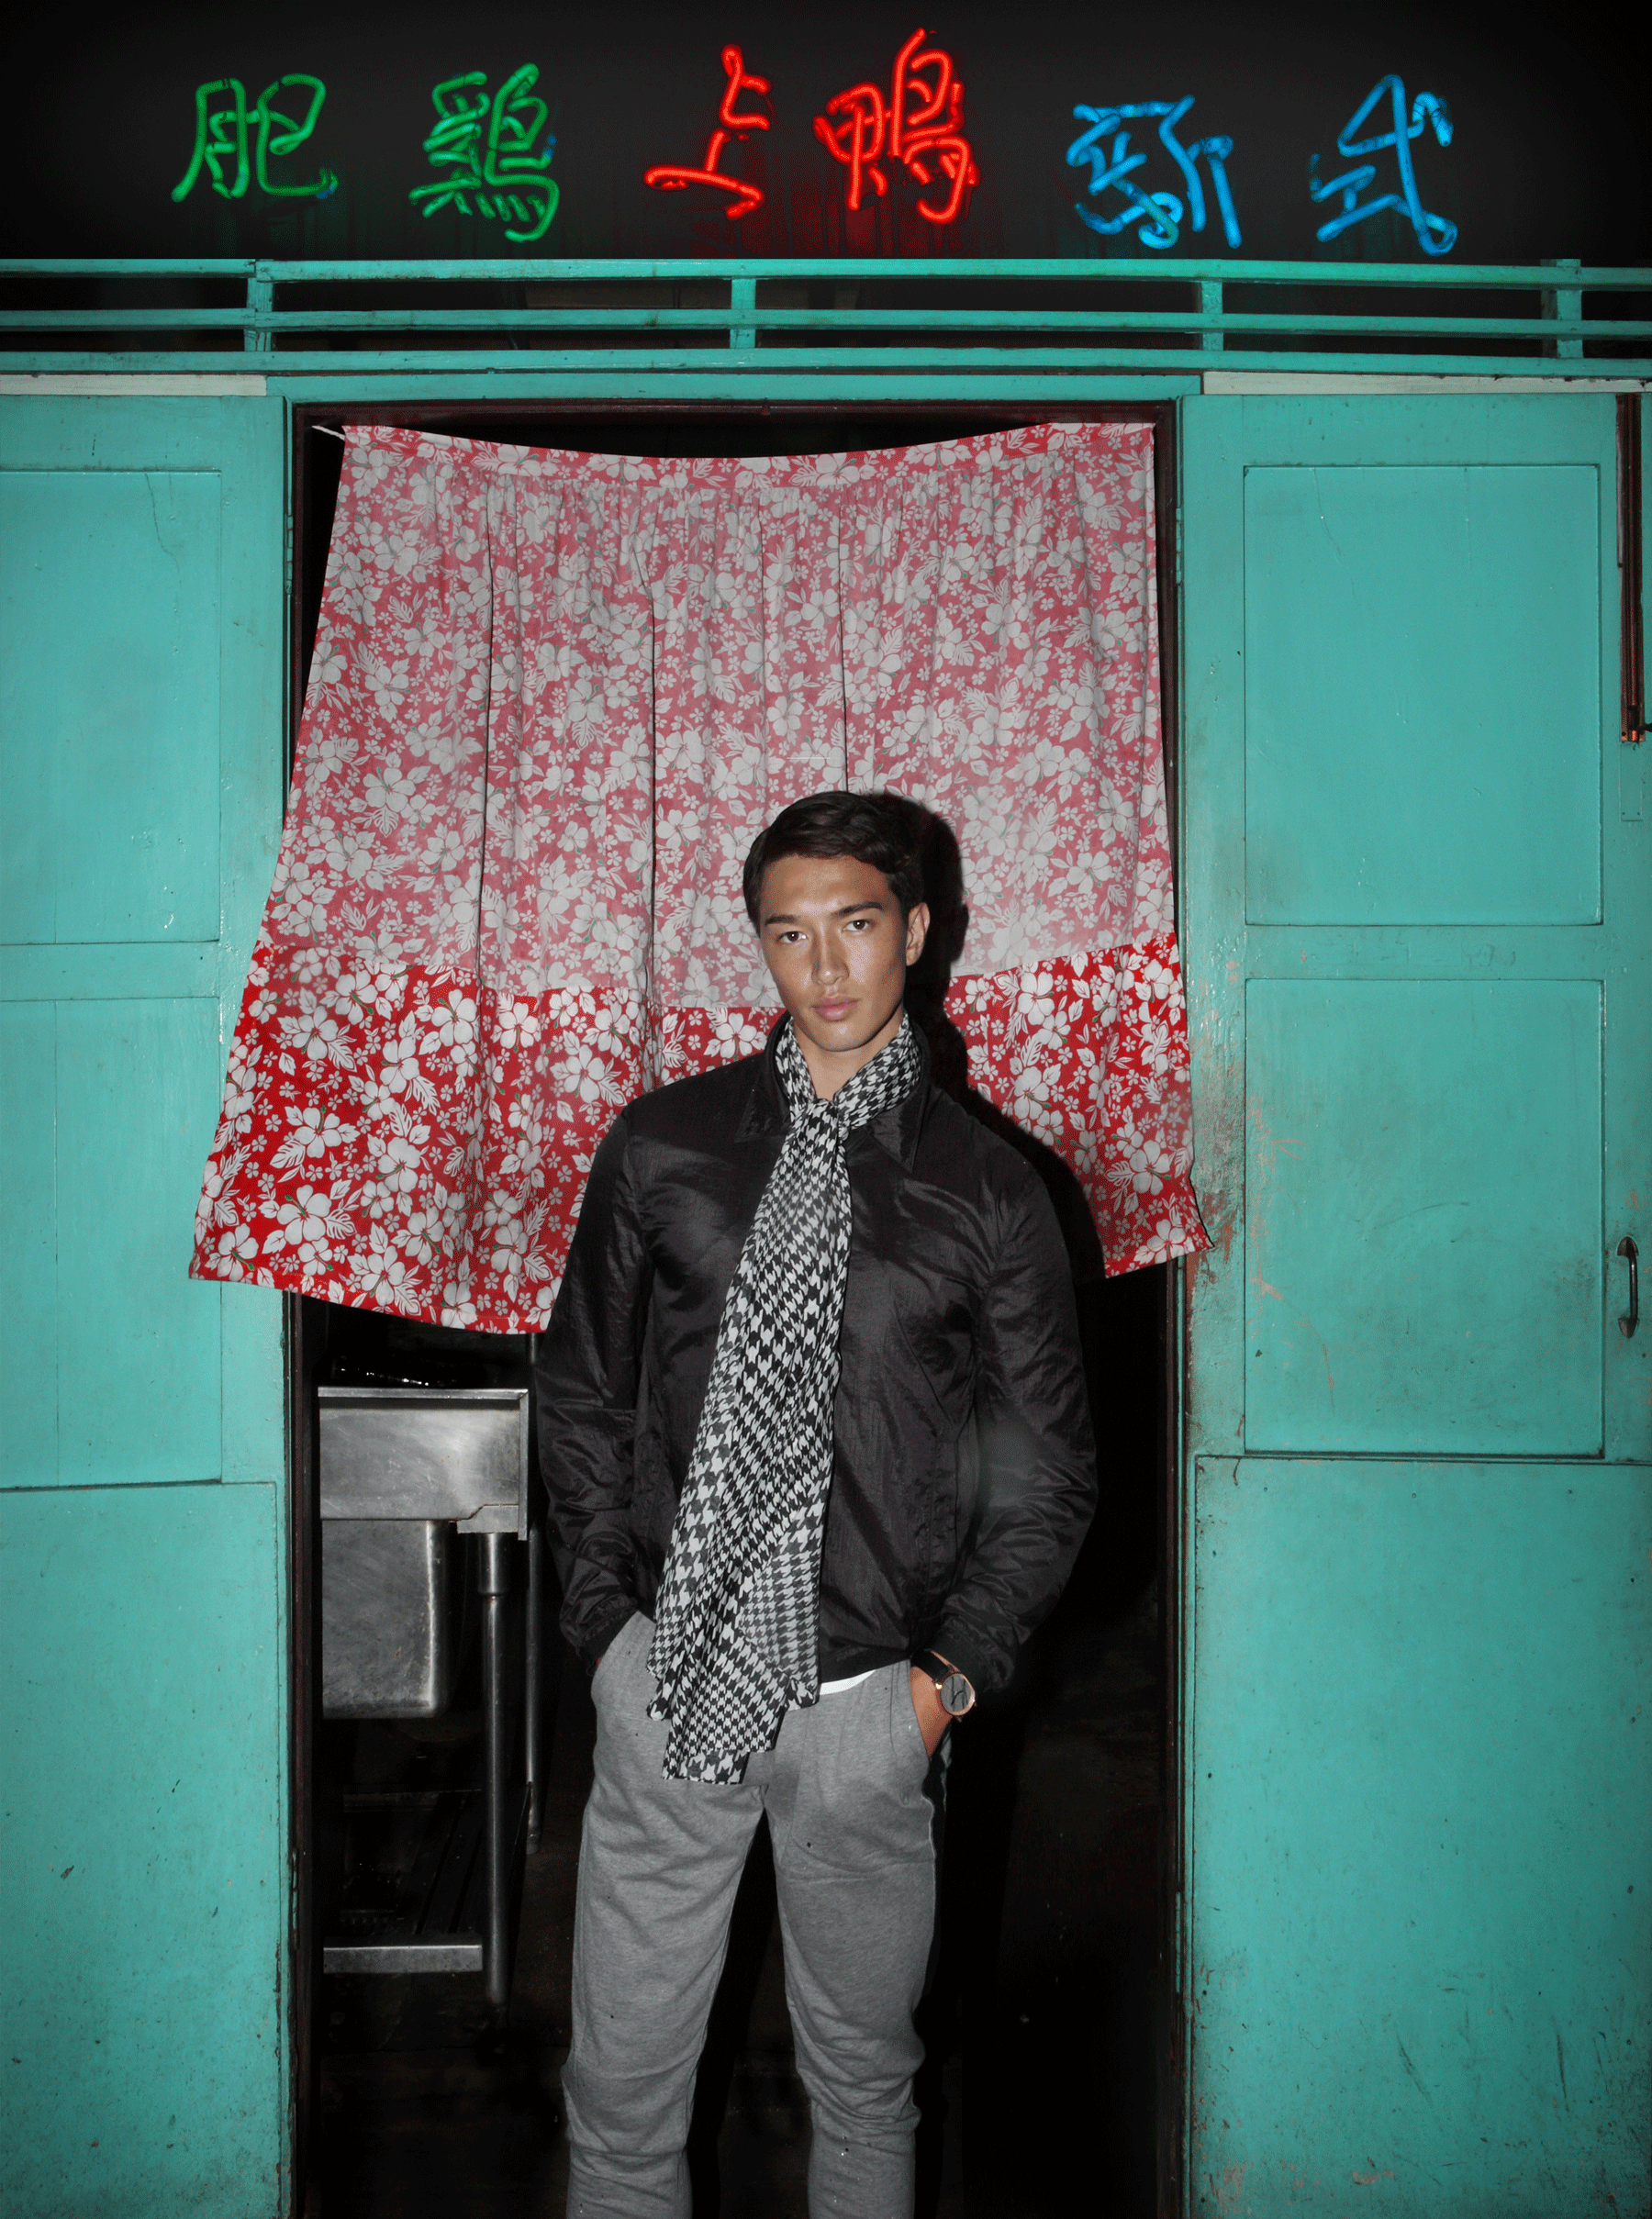 jacket : CK Calvin Klein / pants : NOXX wear / watch : FORREST